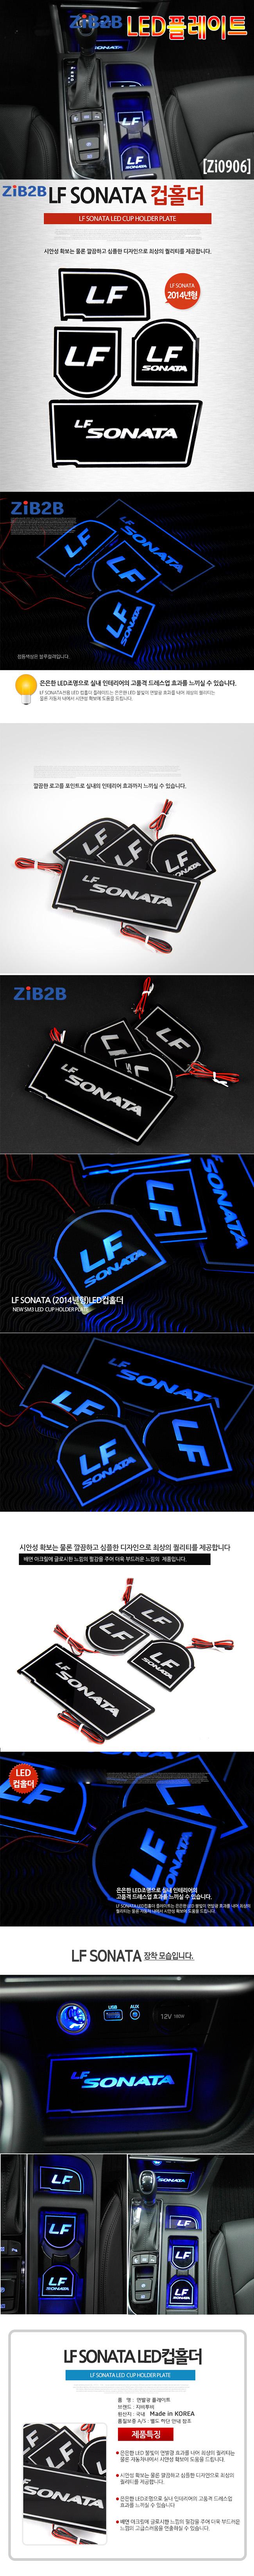 [ZiB2B] LF소나타(2014) 전용 LED 컵홀더 플레이트 [Zi0906]